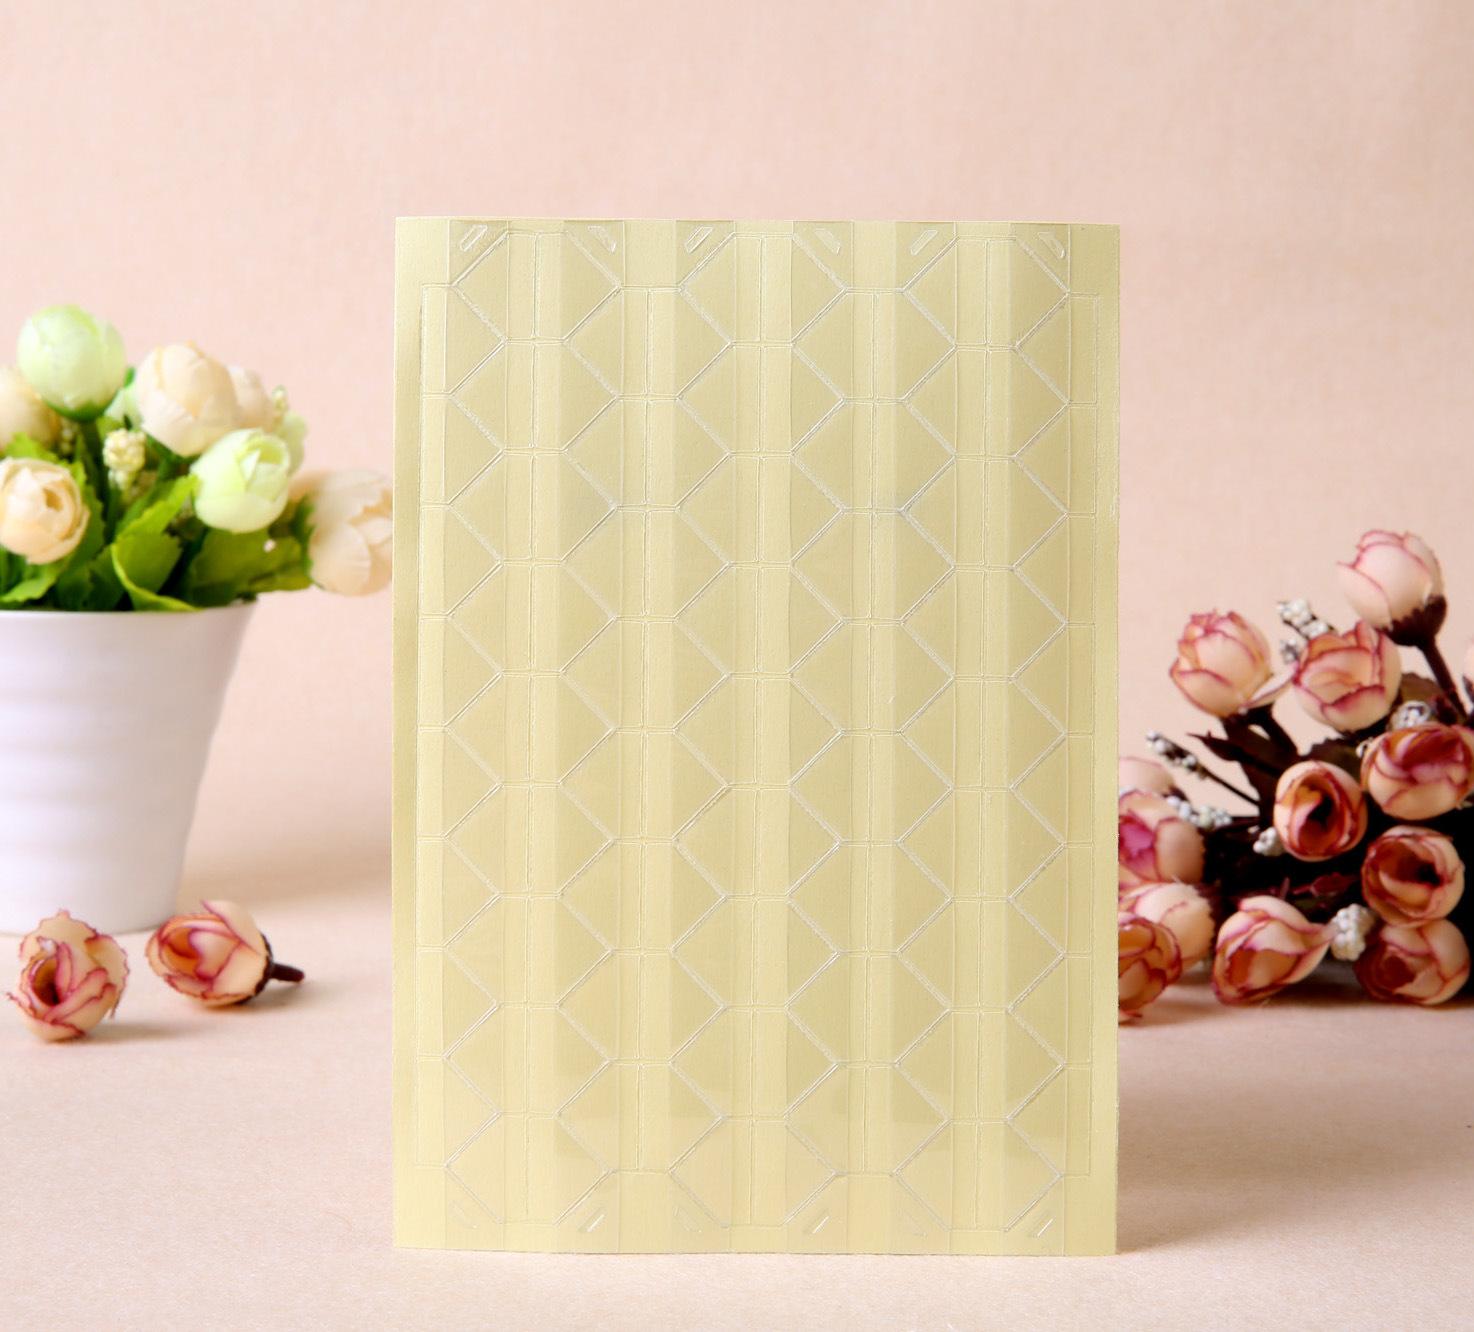 韩国贴纸 创意风情系列 相册贴纸角贴 装饰贴日记贴23款